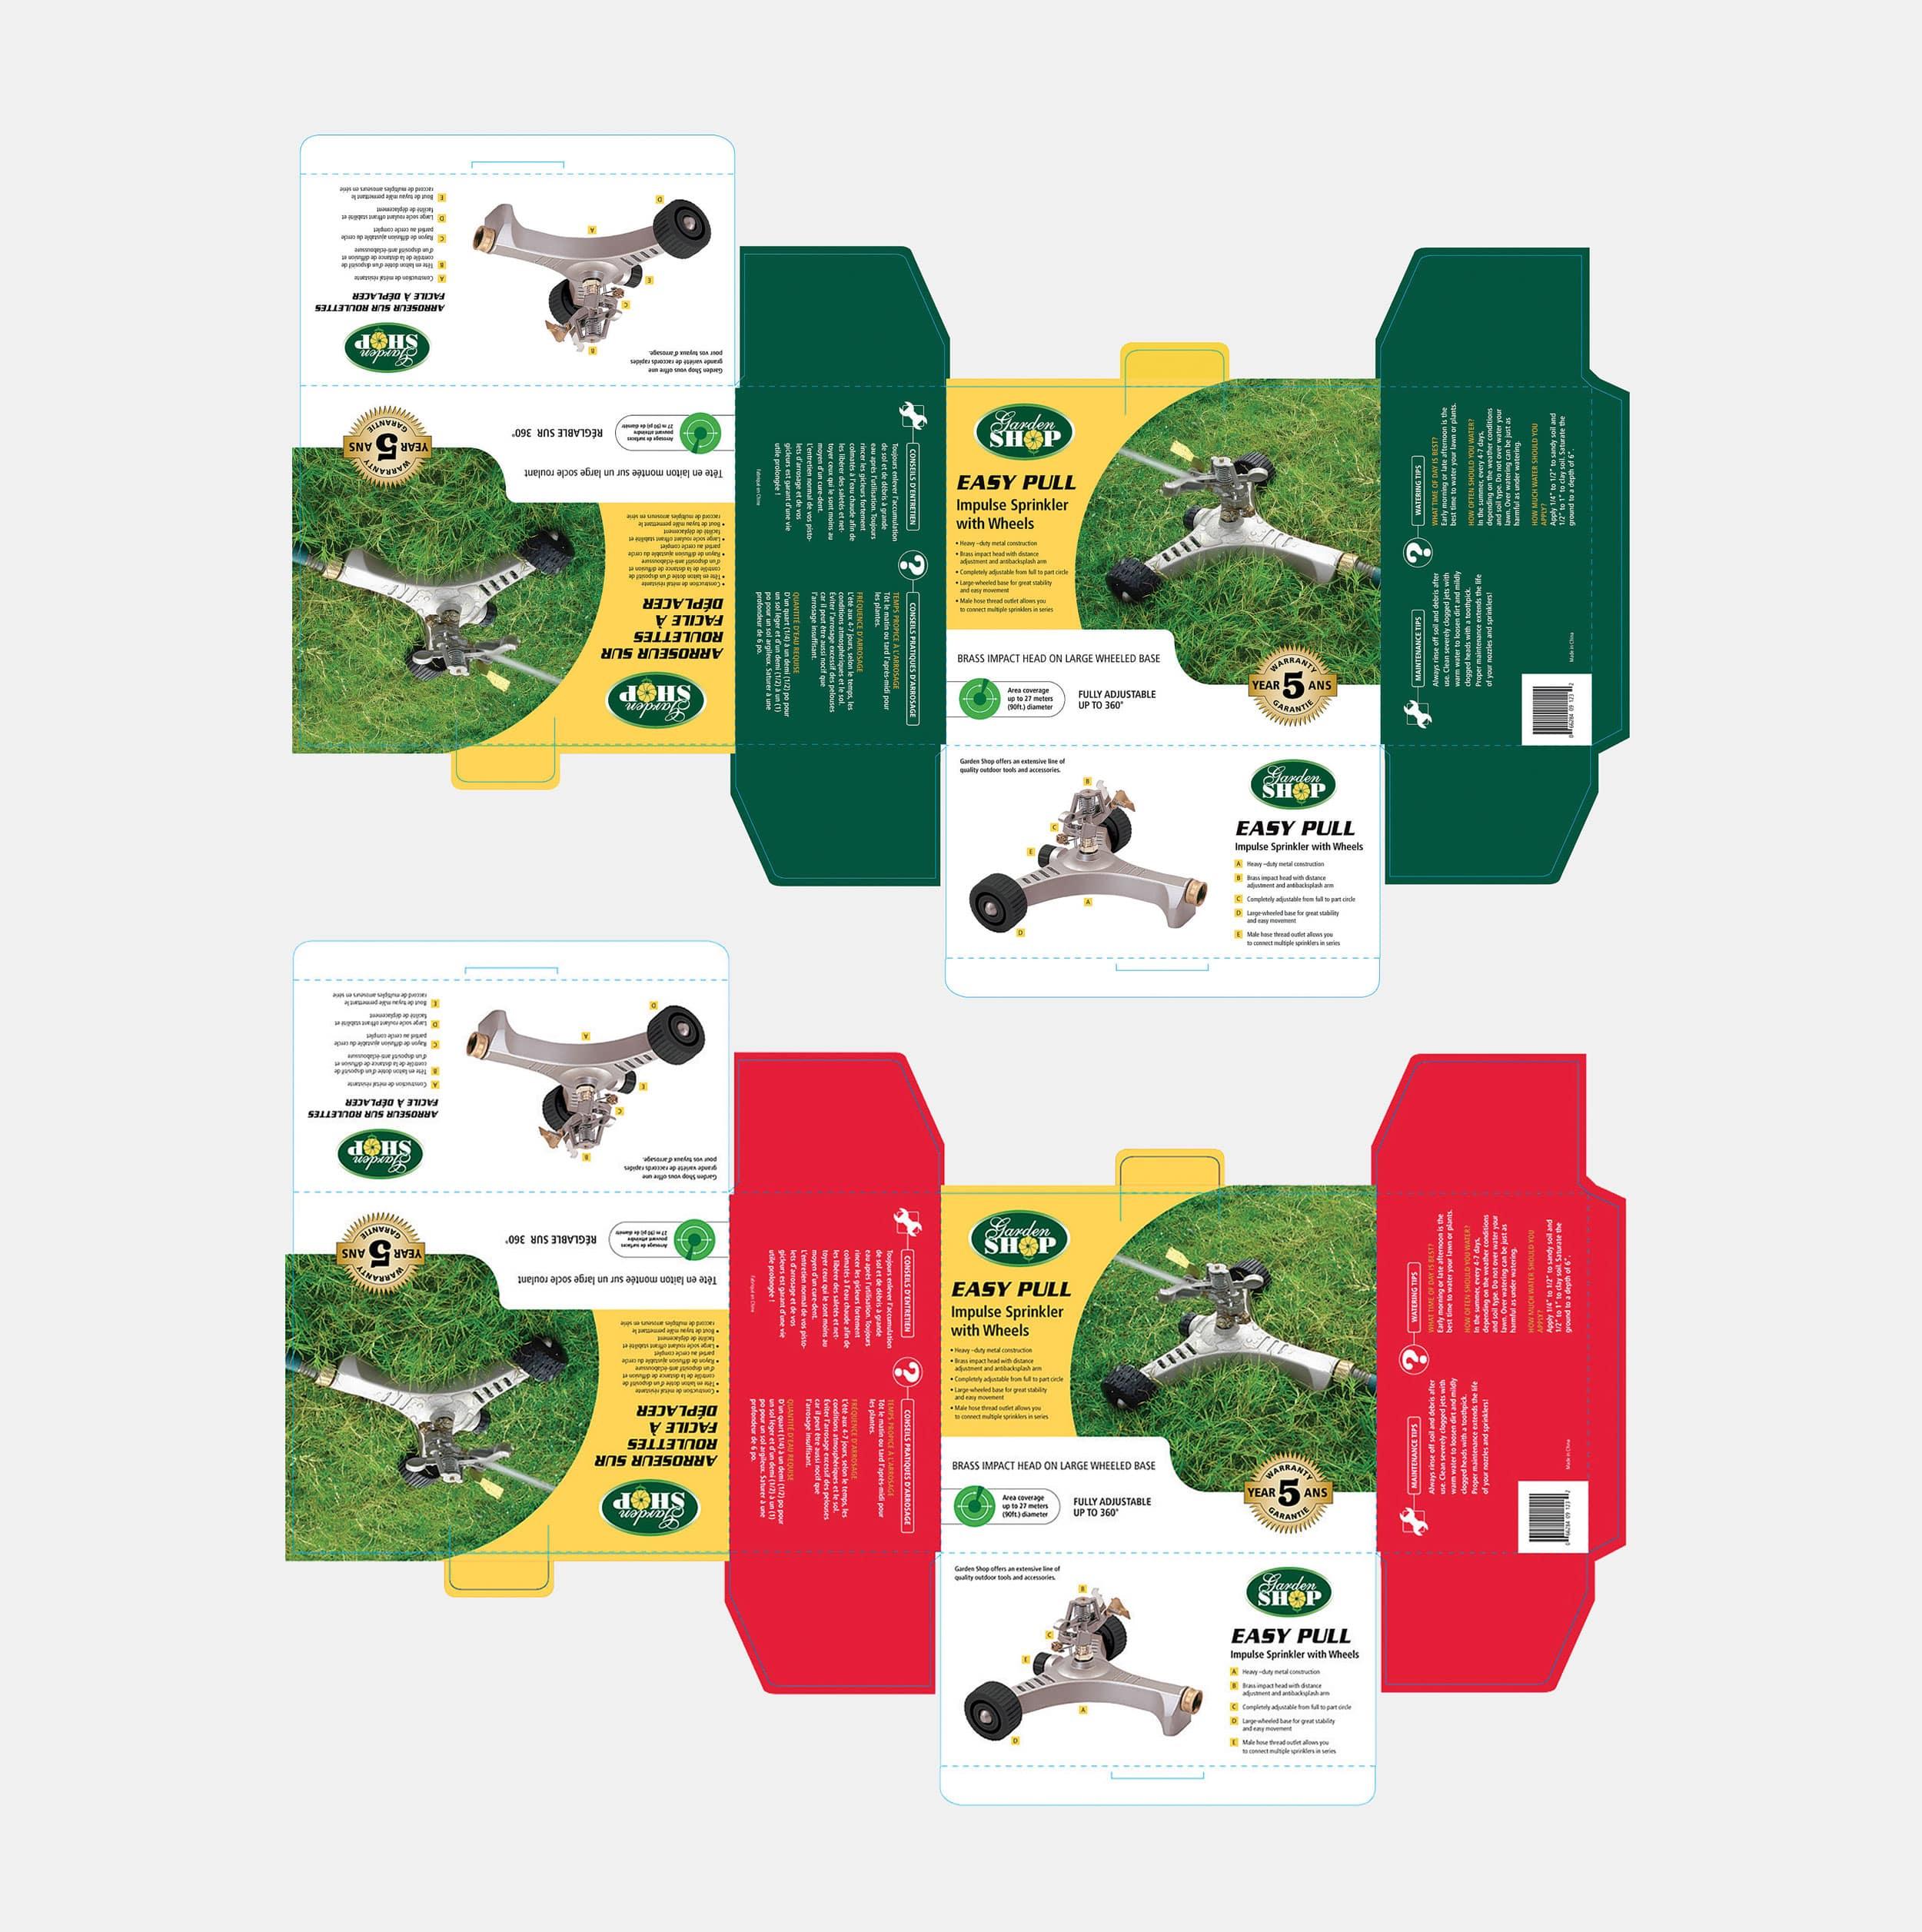 Garden Supply Marketing